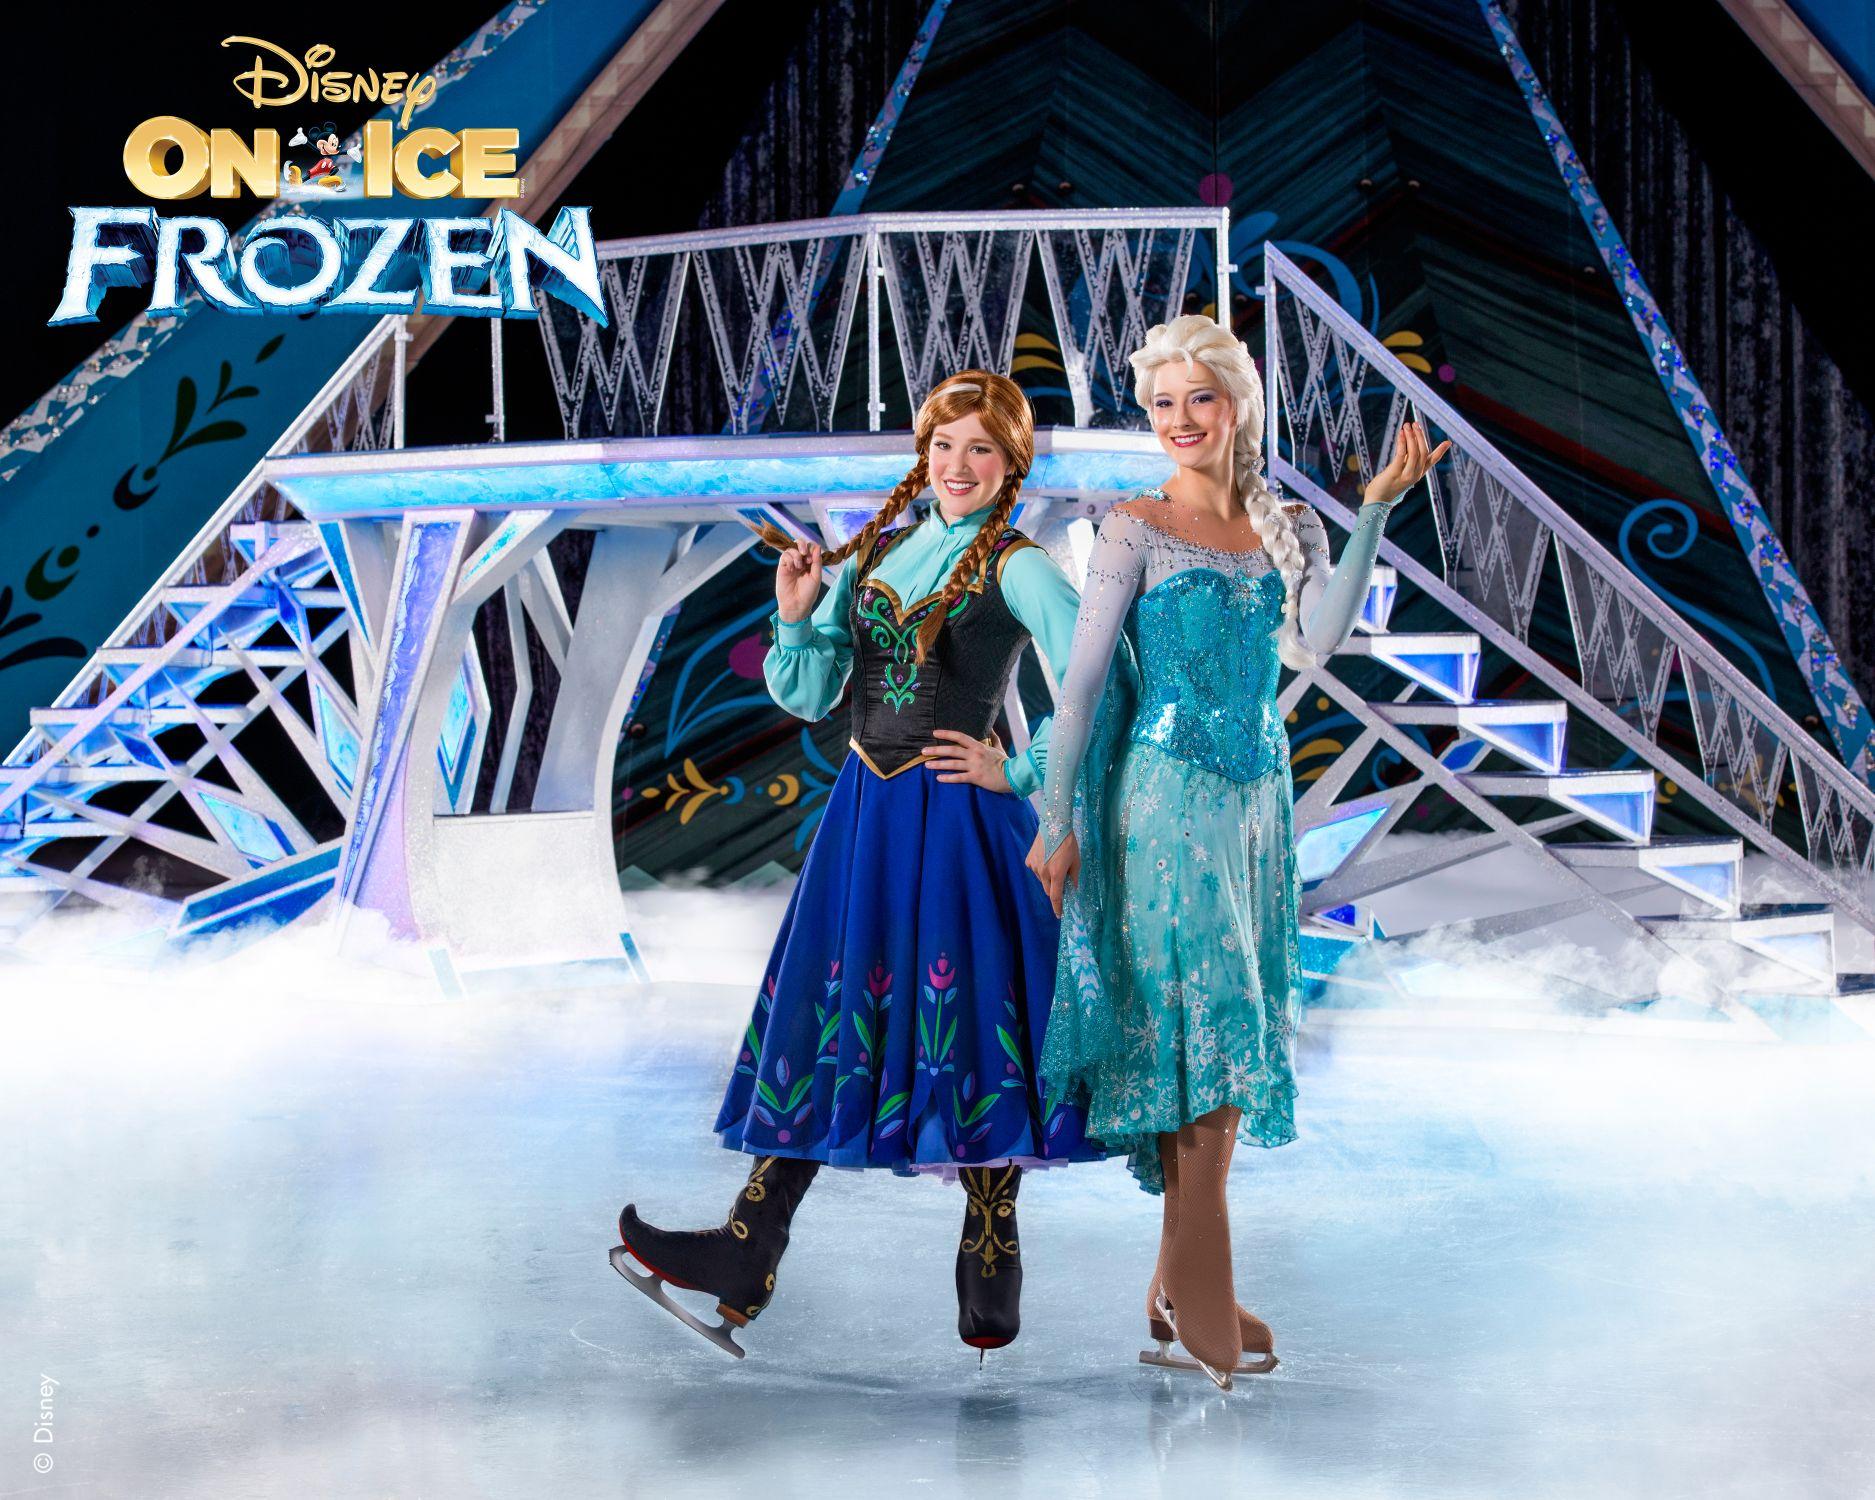 Για πρώτη φορά, το Disney On Ice, έρχεται και στη Θεσσαλονίκη!